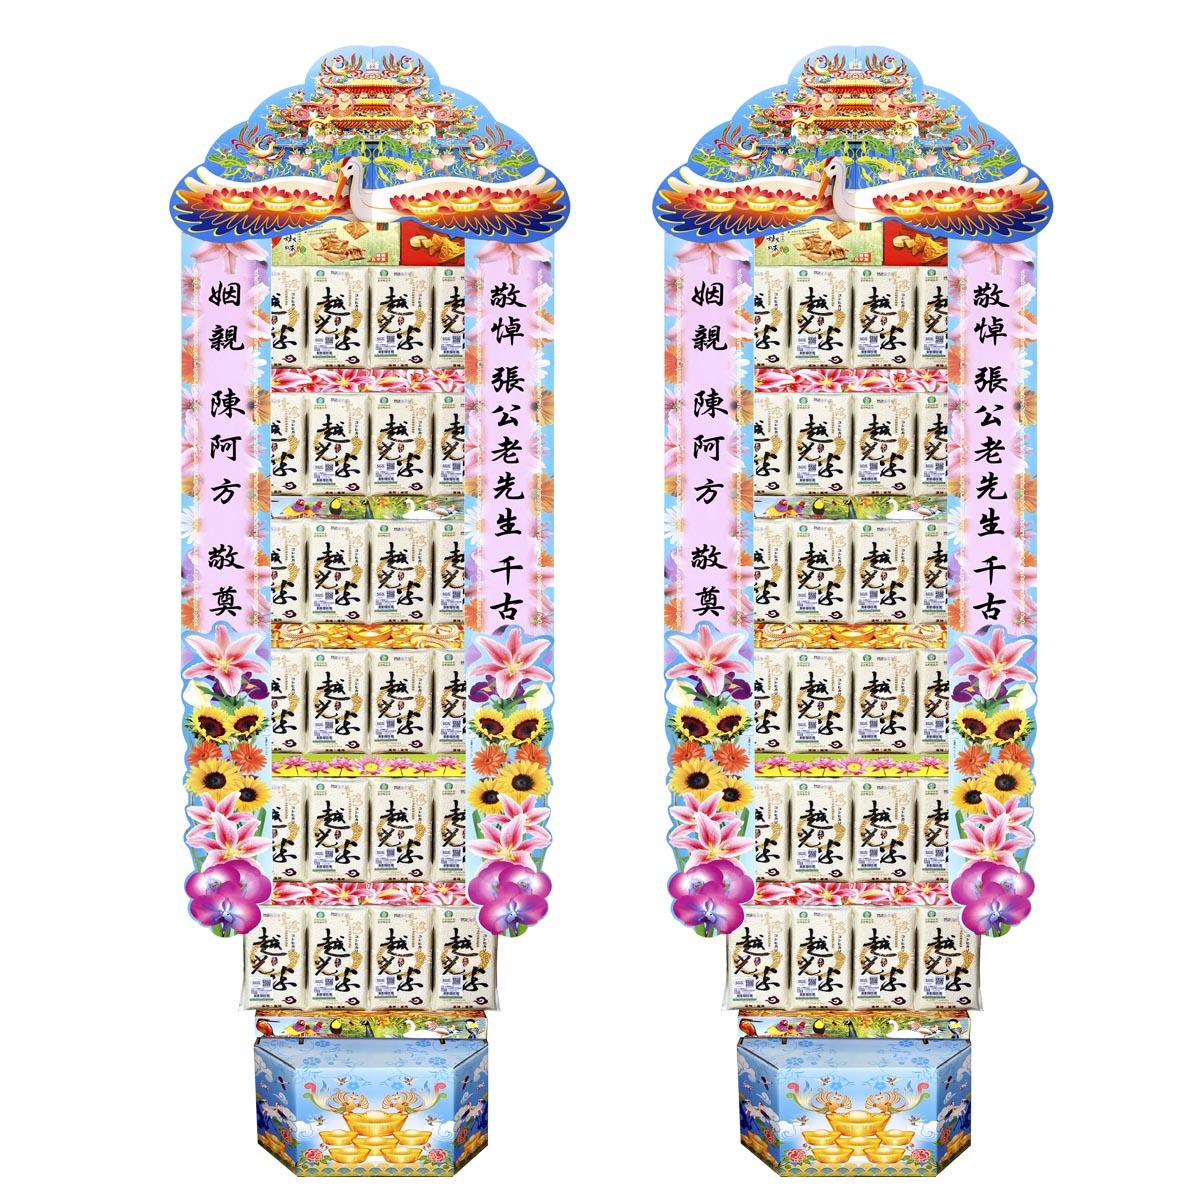 喪禮用罐頭塔-SGS越光米4x6 罐頭禮籃